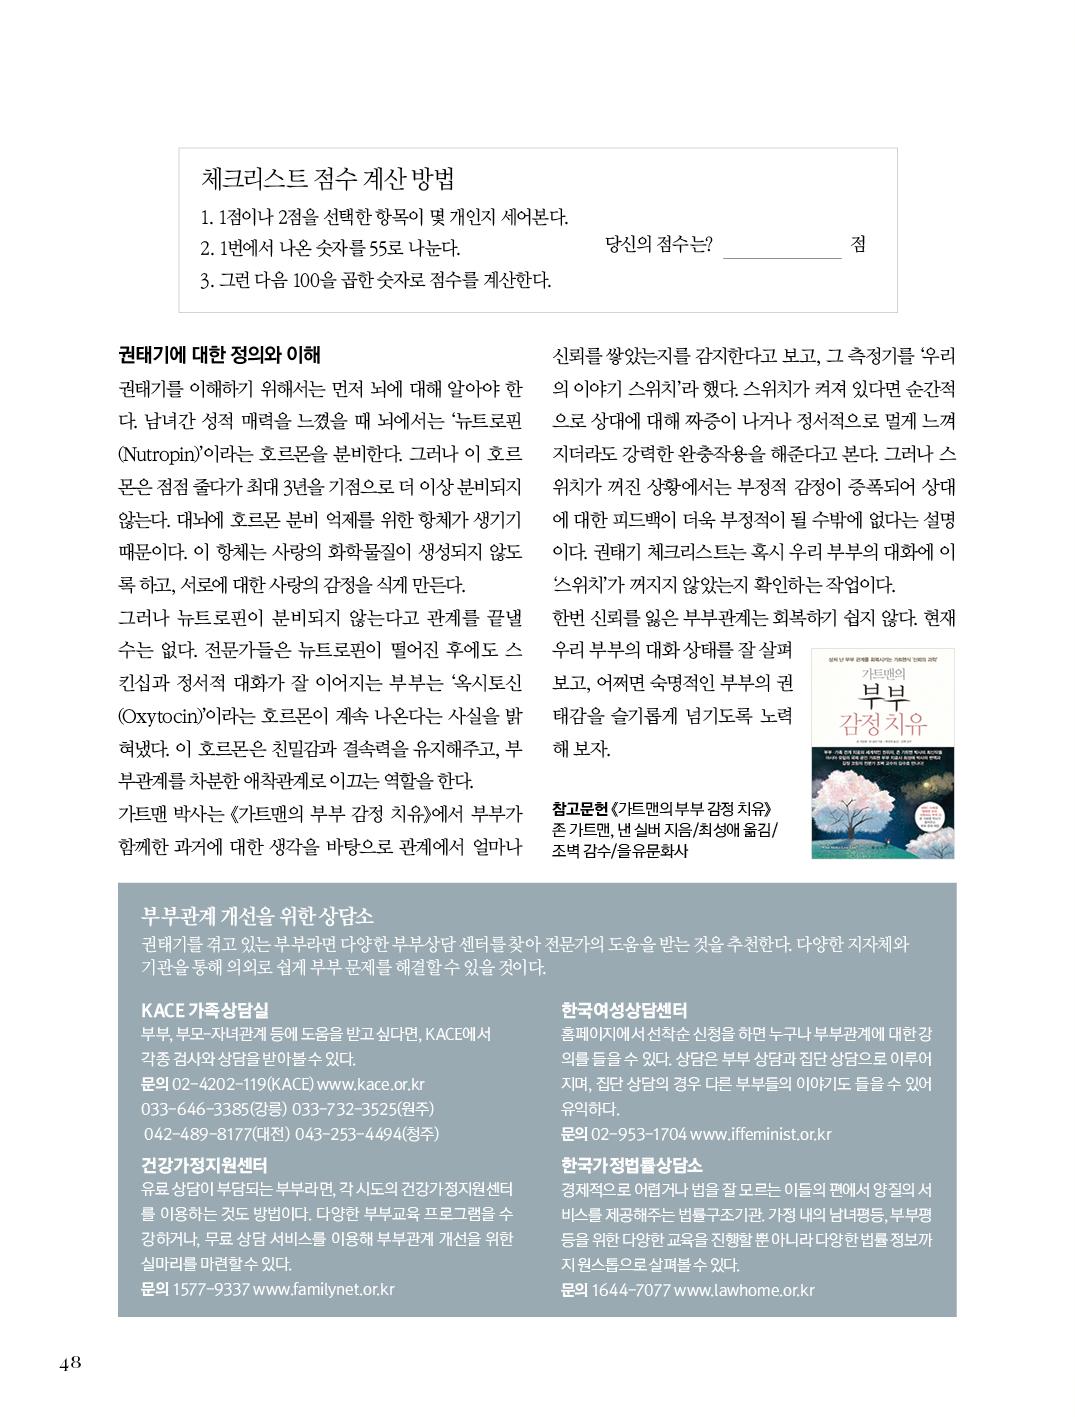 48 부부권태기체크리스트3.jpg